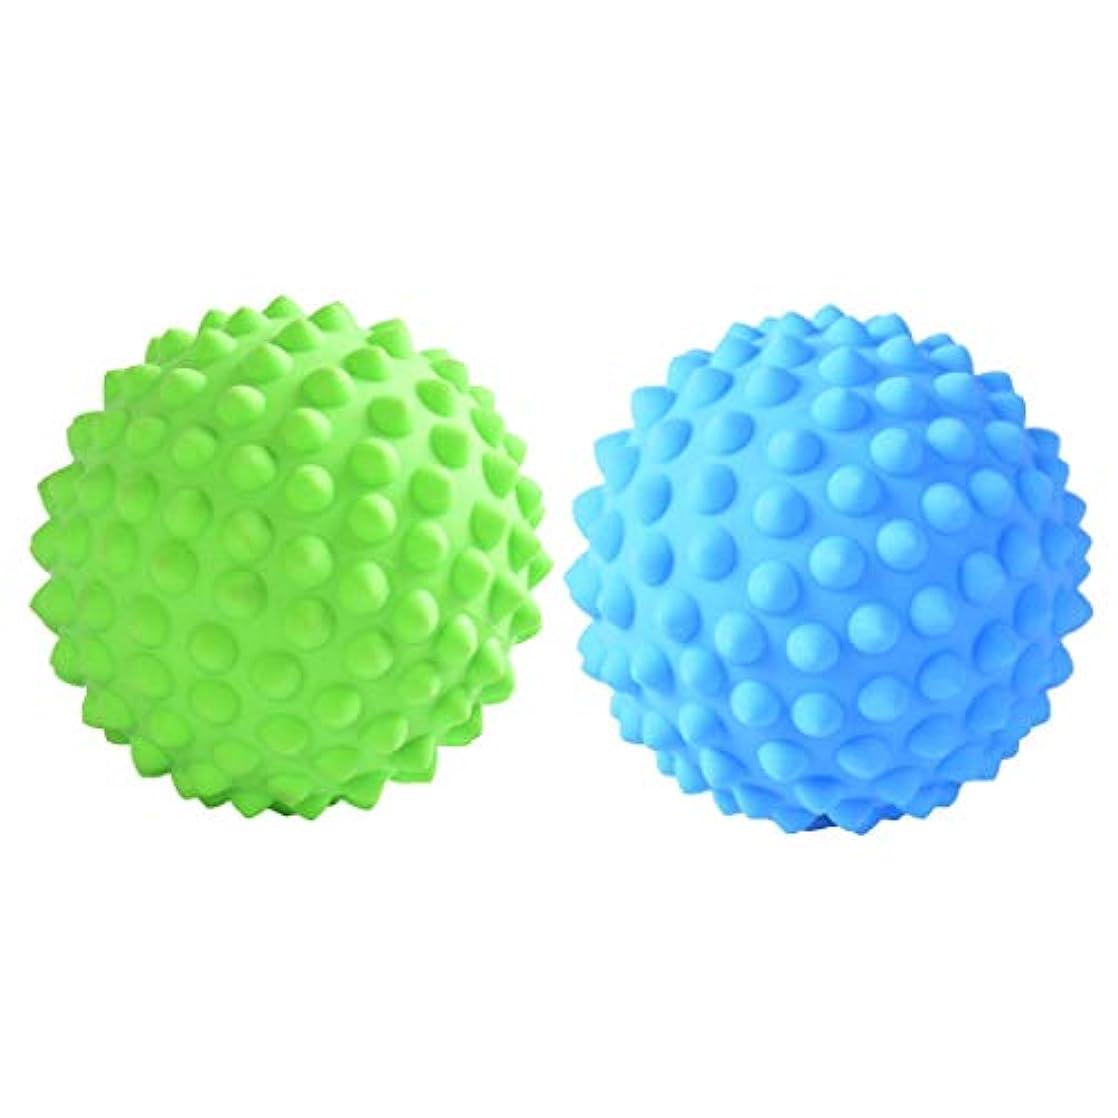 のぞき穴太字心臓chiwanji マッサージローラーボール 指圧ボール トリガーポイント 疲れ解消ボール ヨガ 疲労軽減 2個入